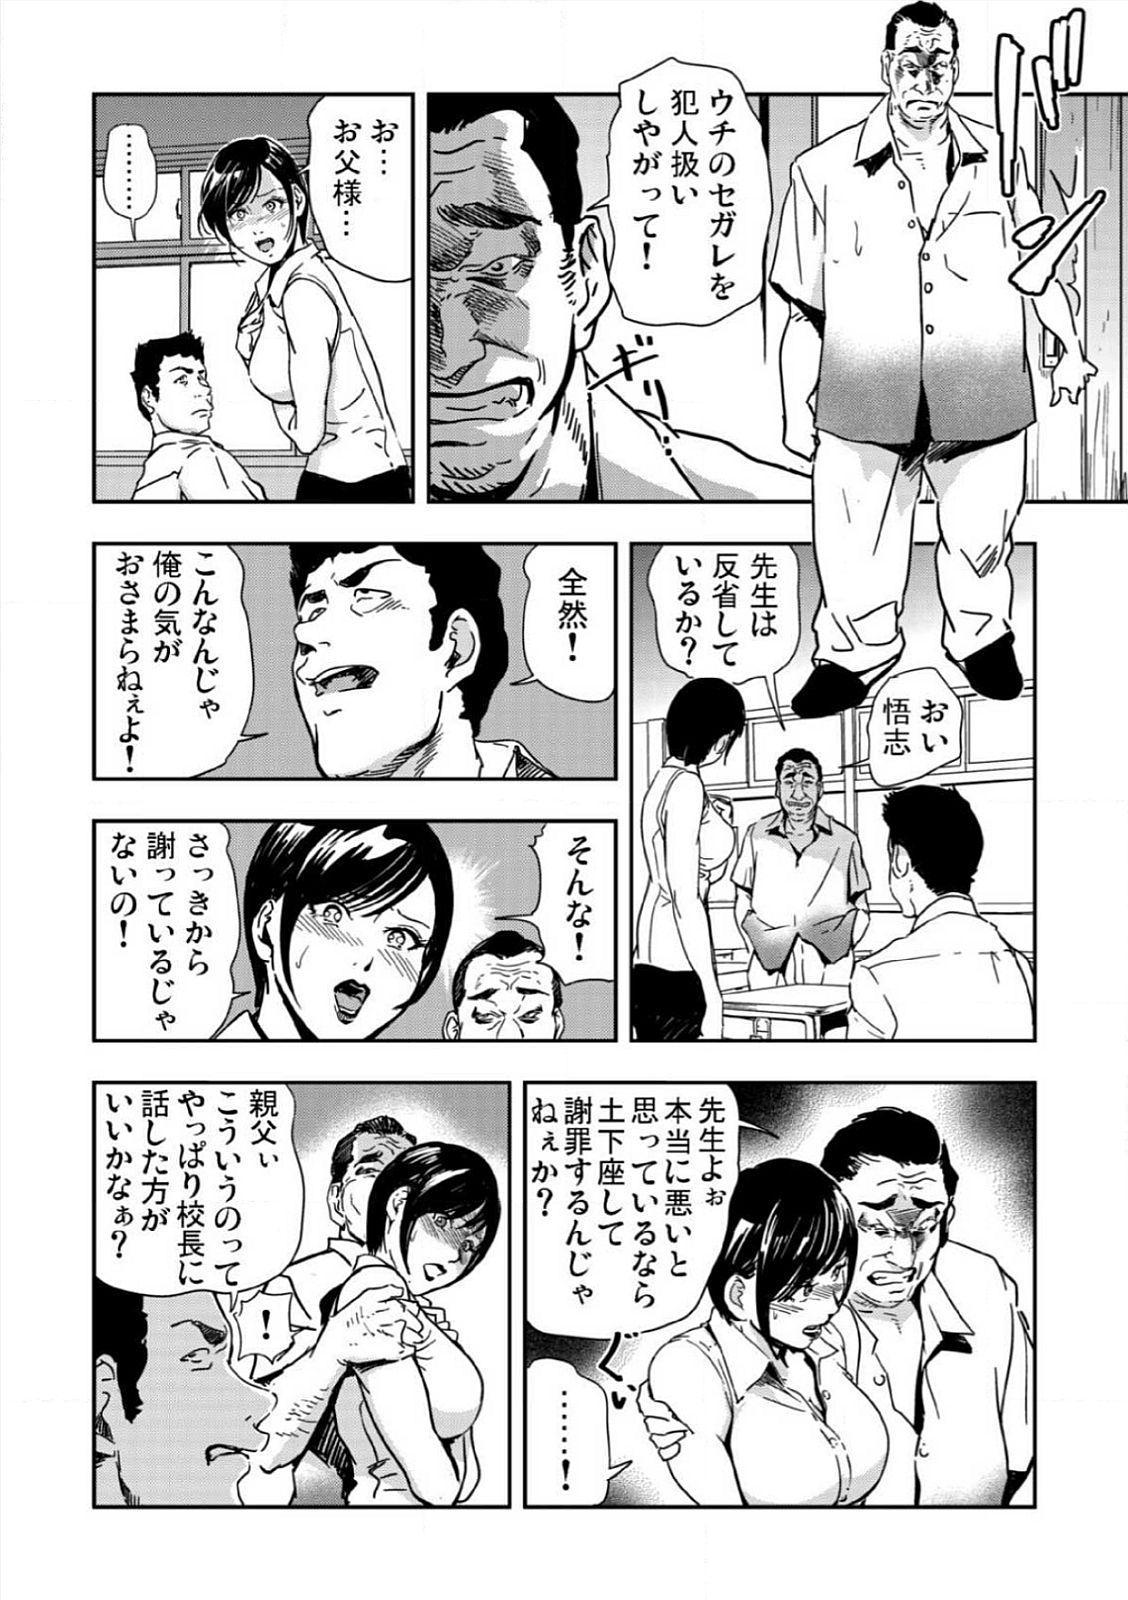 [Misaki Yukihiro] Kyousei Shidou ~Mechakucha ni Kegasarete~ (1)~(6) [Digital] 145